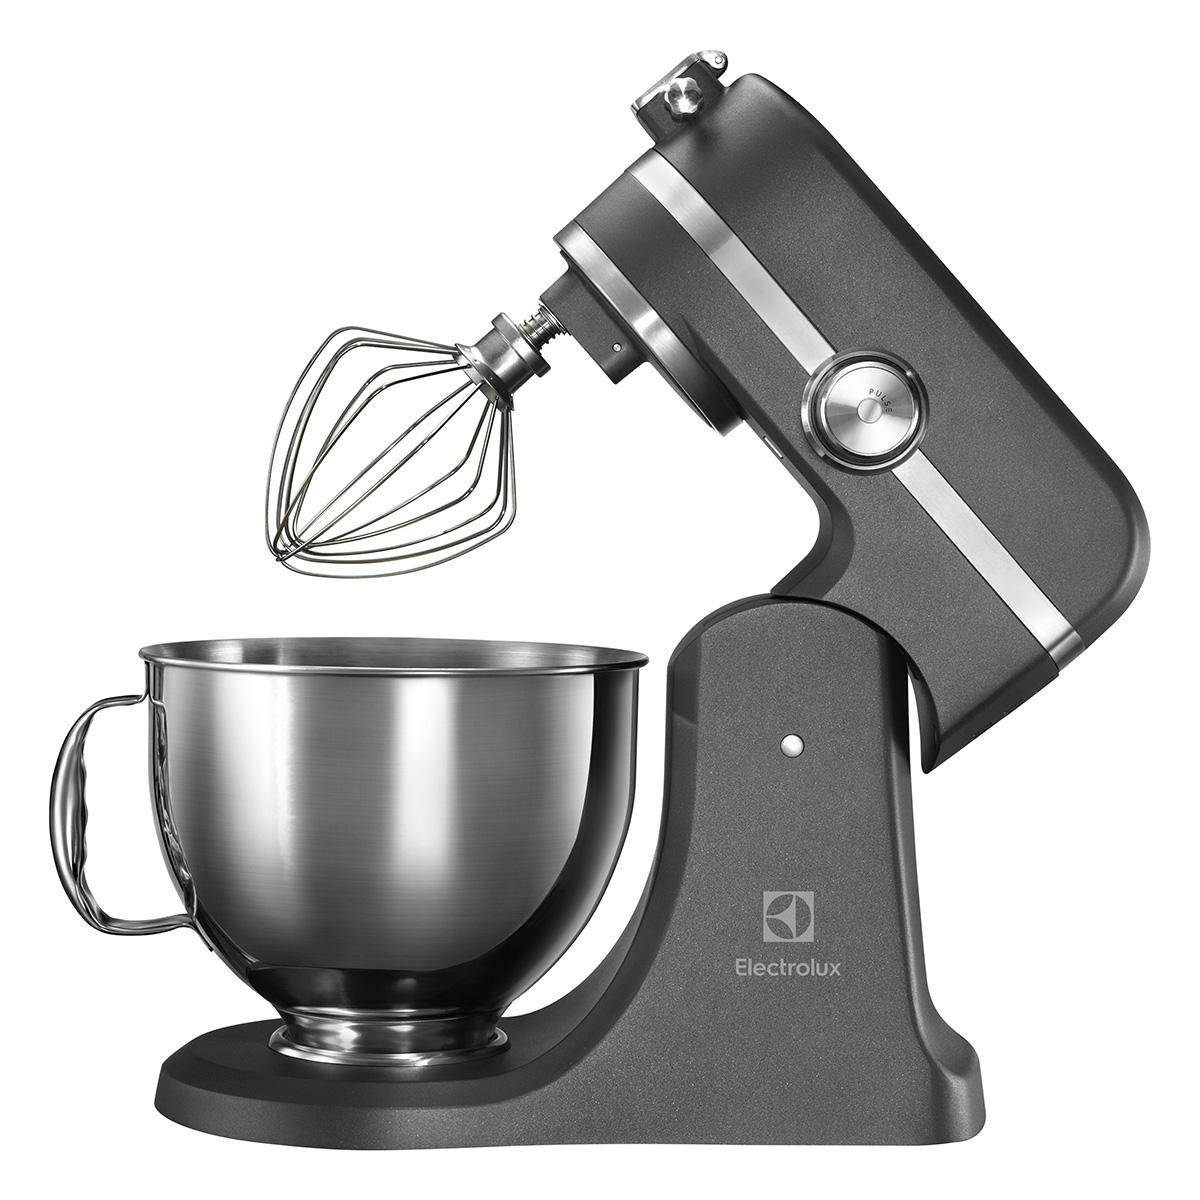 Image of   Electrolux køkkenmaskine - Assistent - Grå